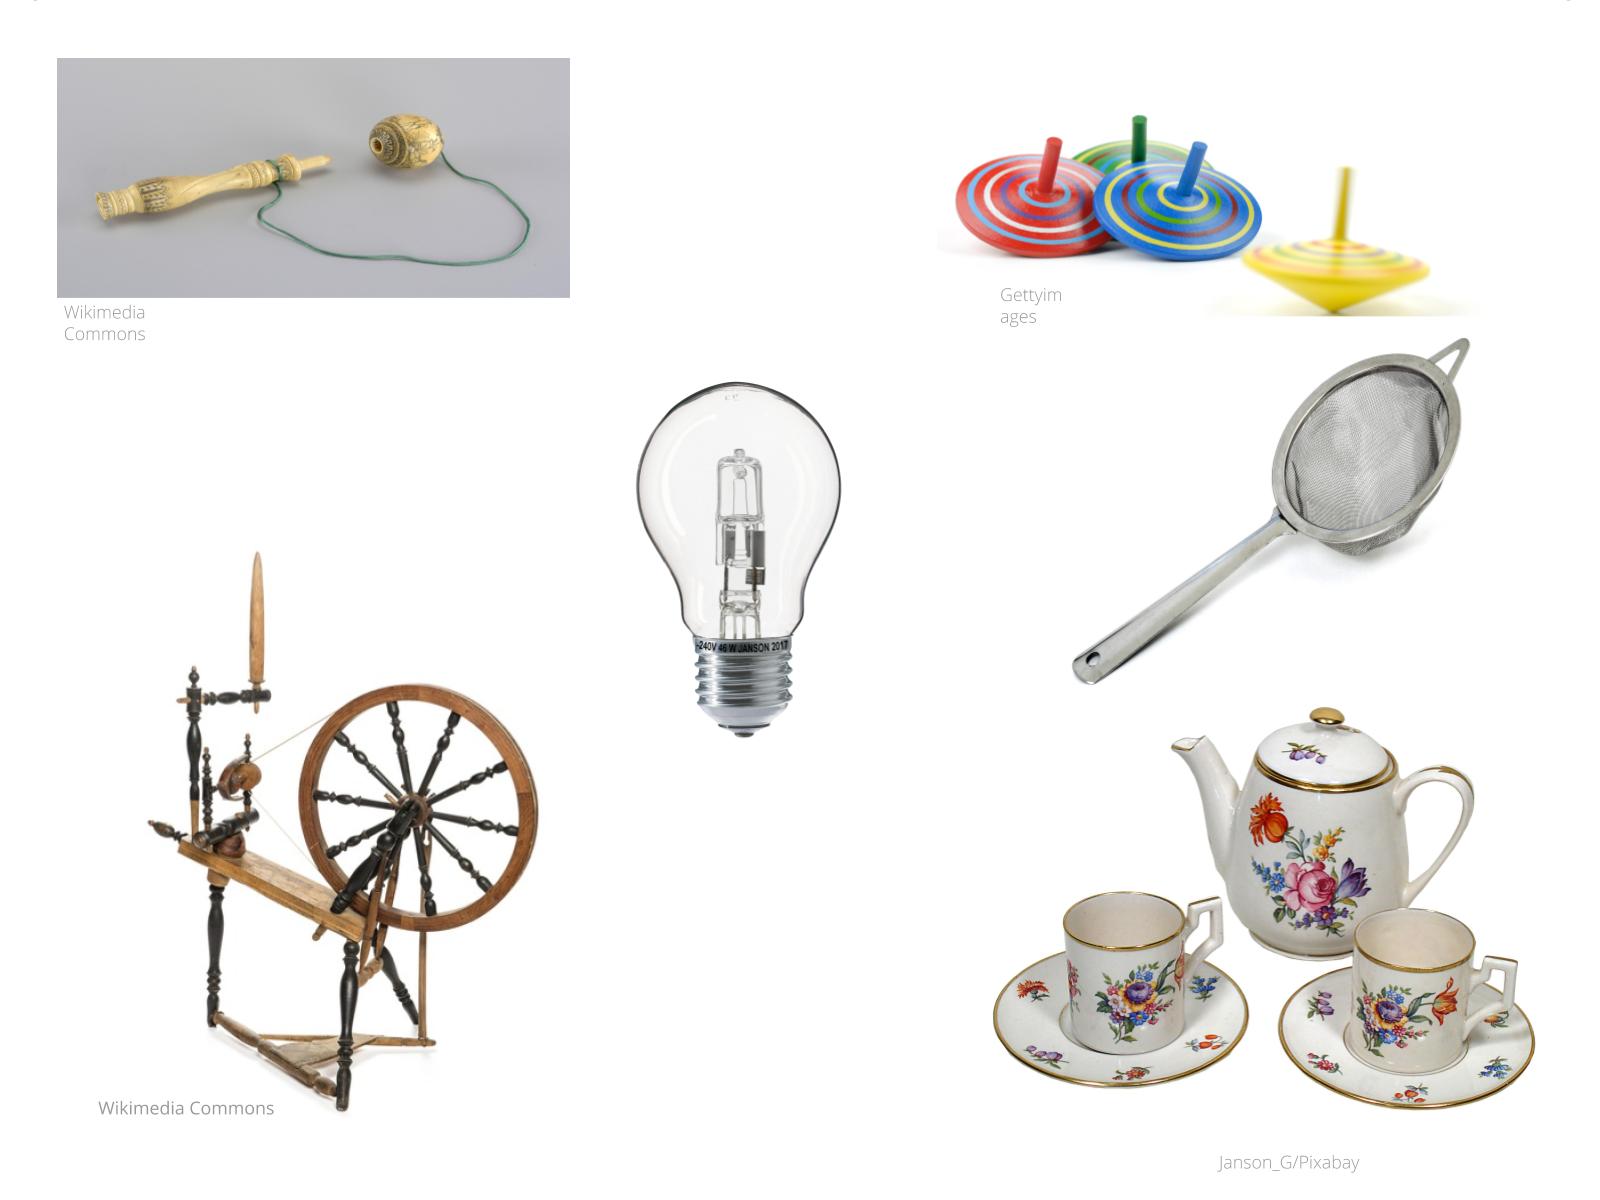 Objetos que contam história